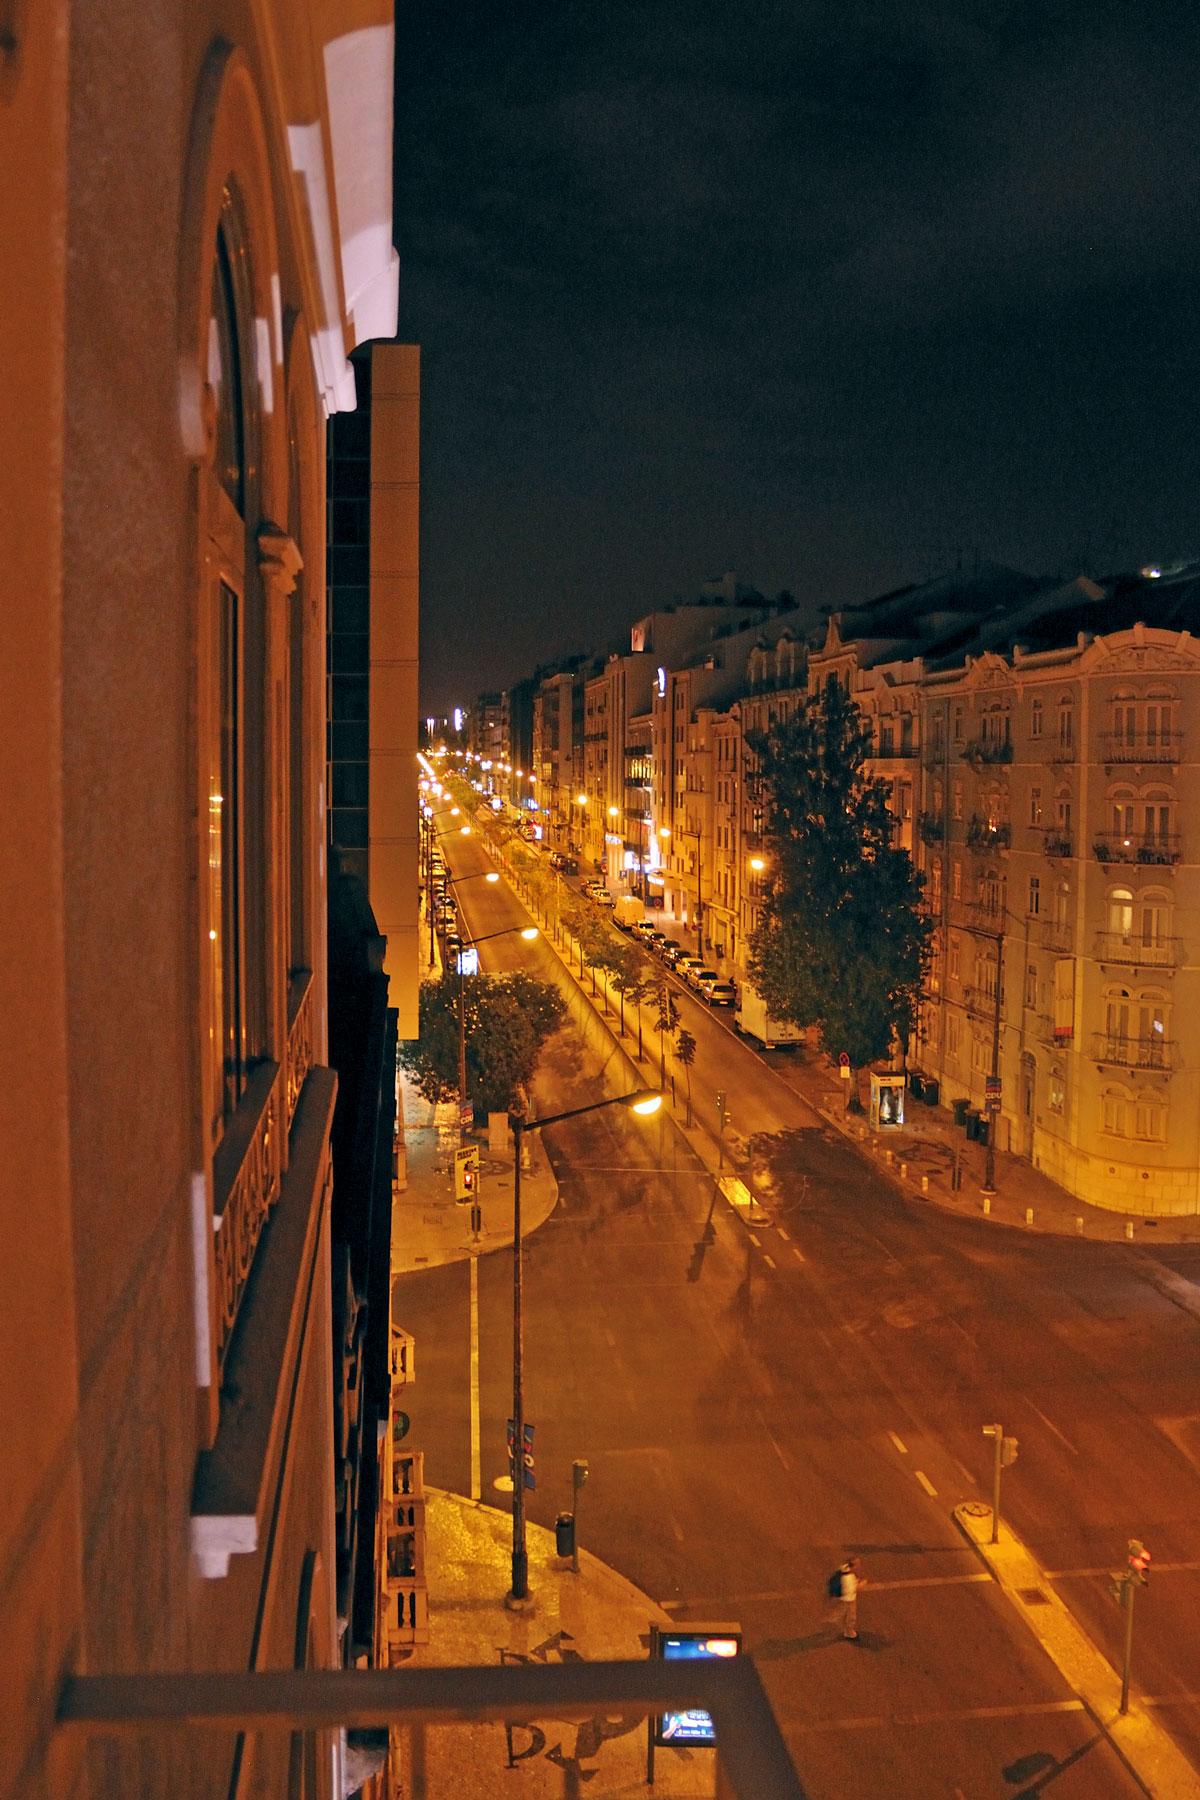 リスボンのホテルセテコリナーシュのバルコニーから見たオレンジ色に染まった夜の街並 撮影:NIKON D300 + TOKINA 16-50mm